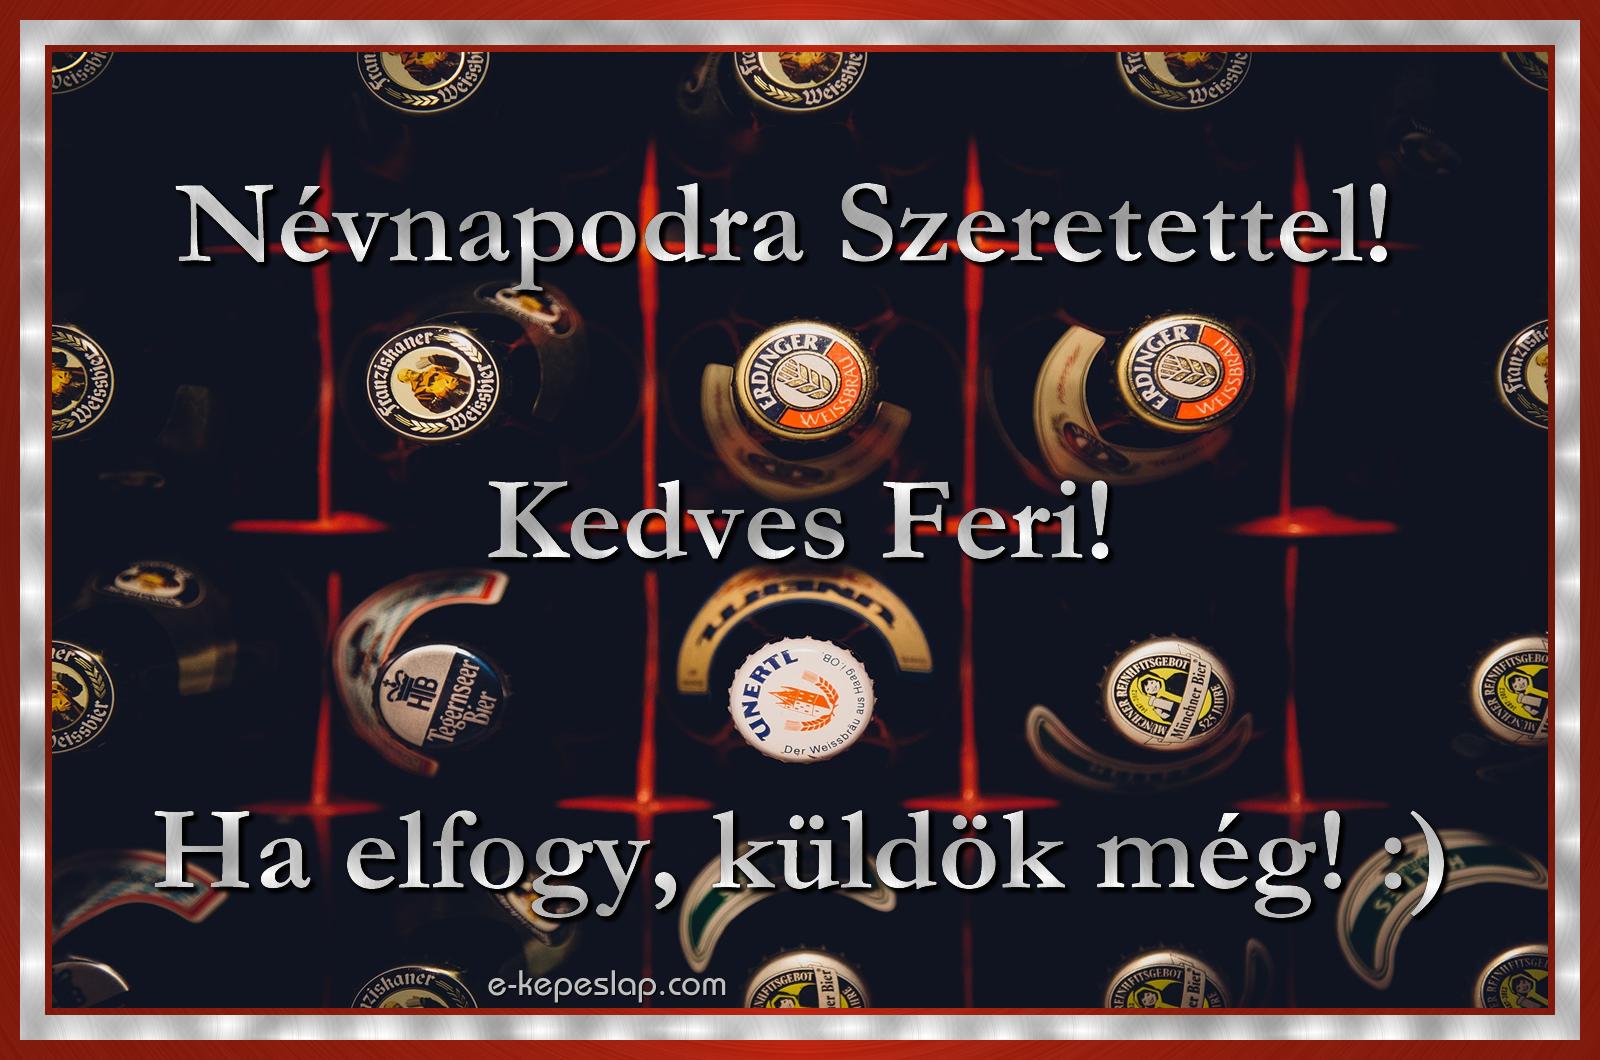 ferenc napra köszöntő Ferenc névnapi képeslap   Képeslapküldés   e kepeslap.com ferenc napra köszöntő